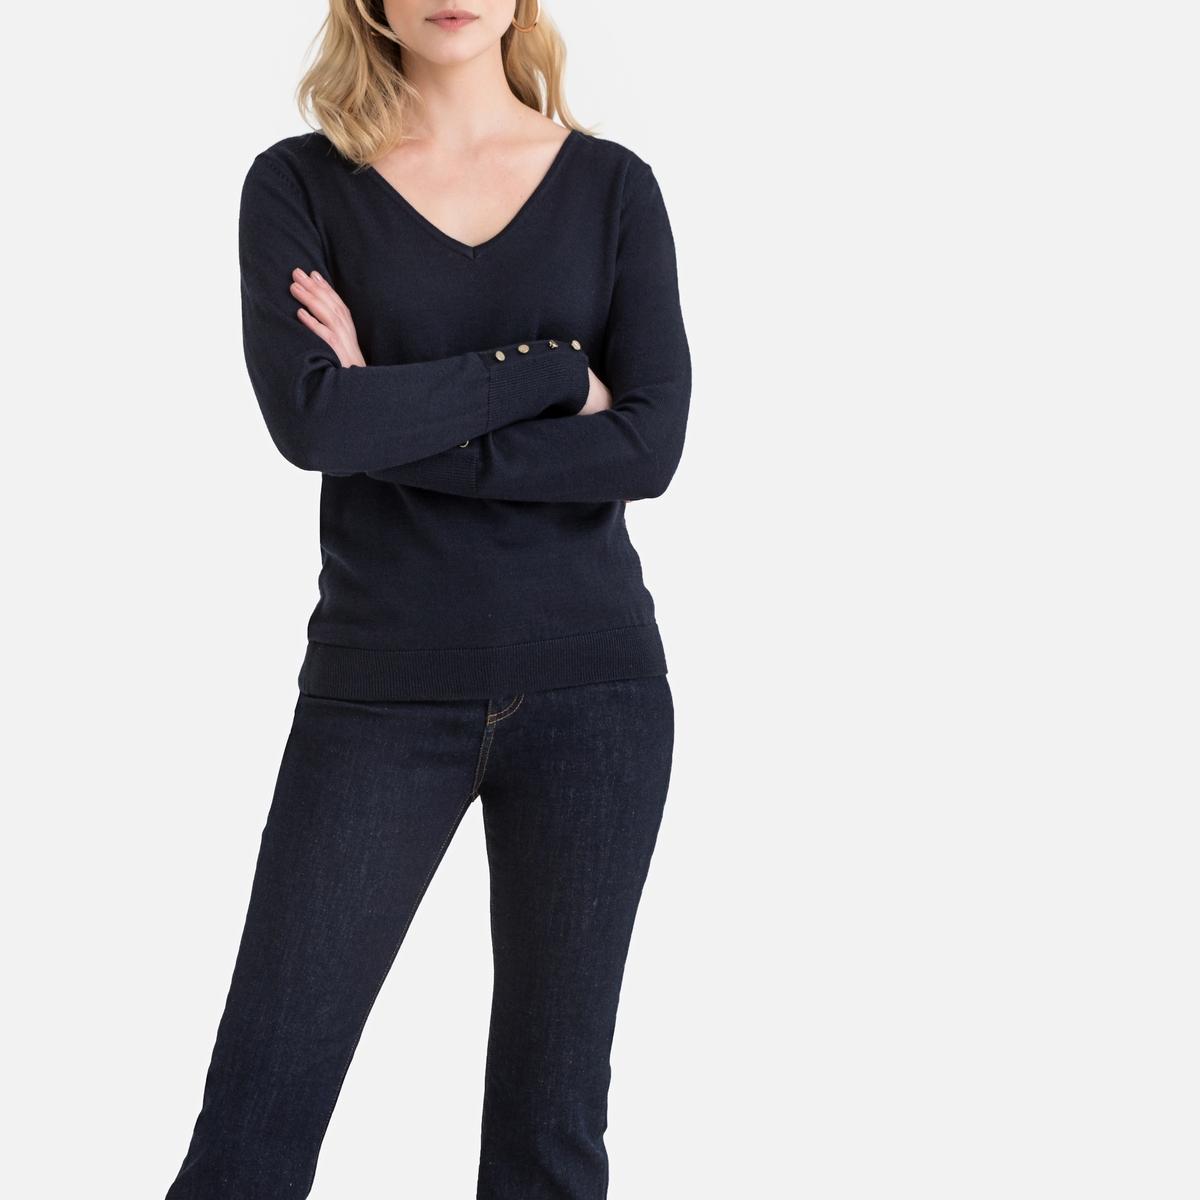 цена Пуловер La Redoute С V-образным вырезом из полушерстяного тонкого трикотажа 46/48 (FR) - 52/54 (RUS) синий онлайн в 2017 году